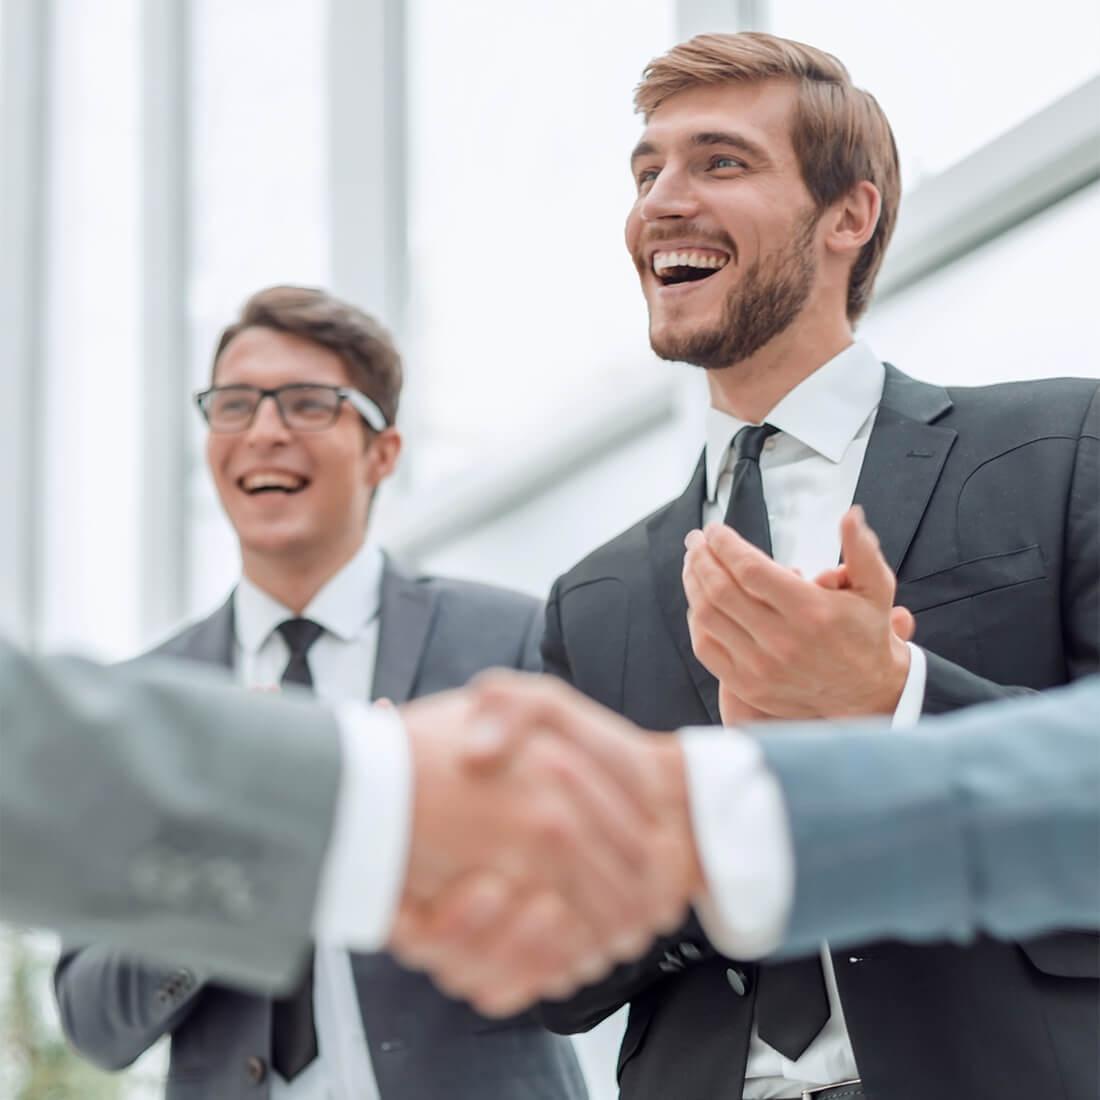 partners_dealsluiten.jpeg